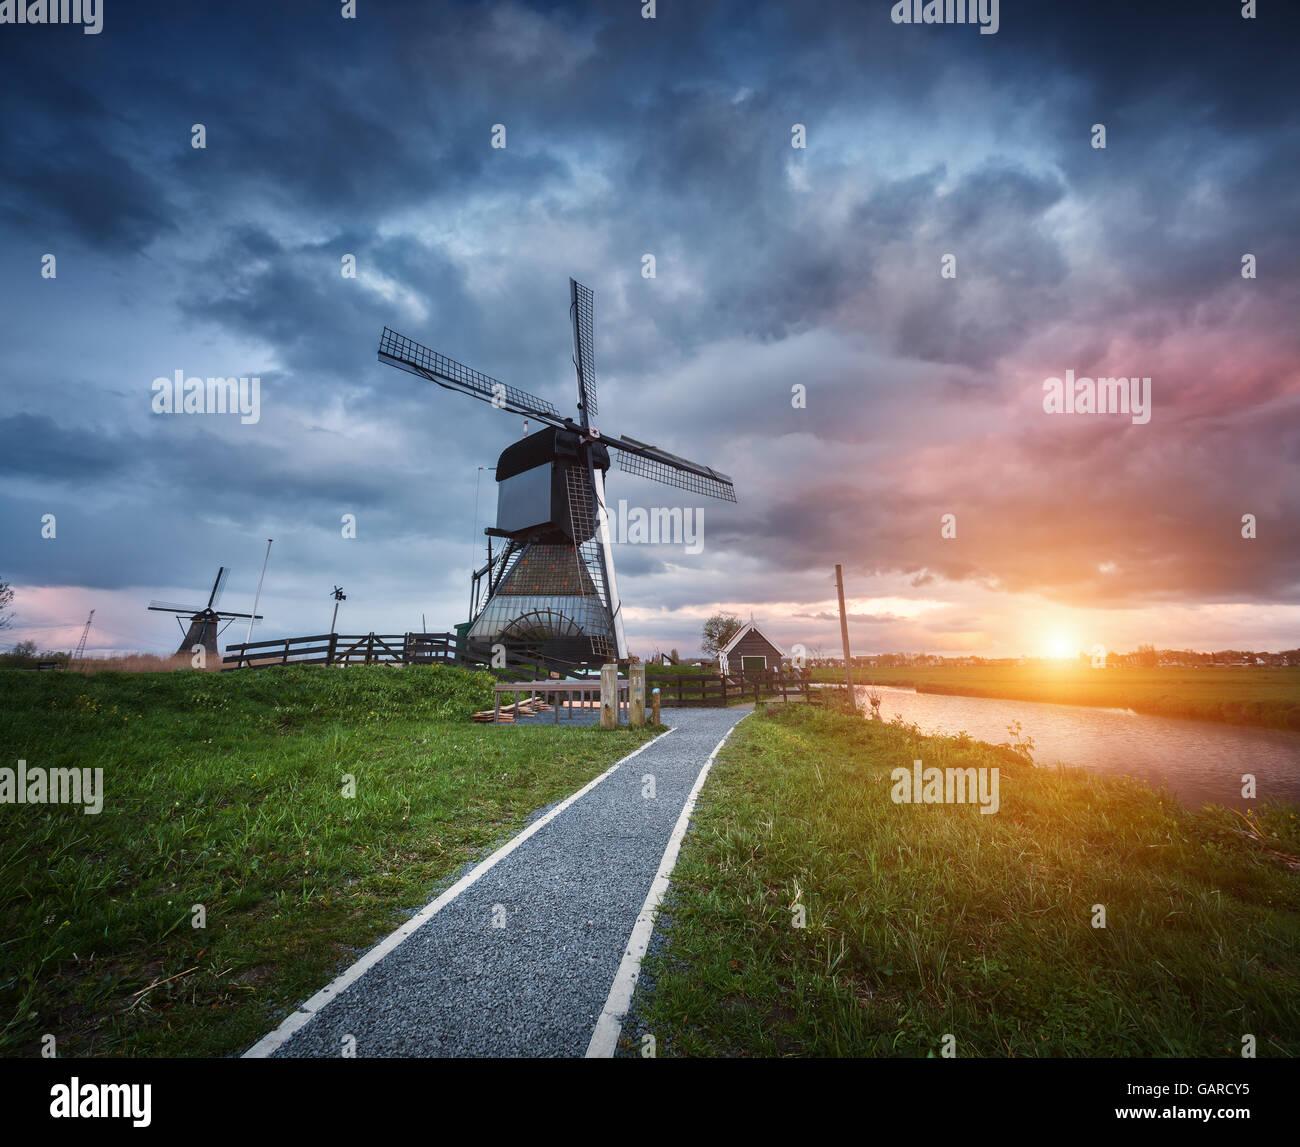 Paesaggio con tradizionali mulini a vento olandese e il percorso nei pressi di canali d'acqua. Nuvole al tramonto Immagini Stock